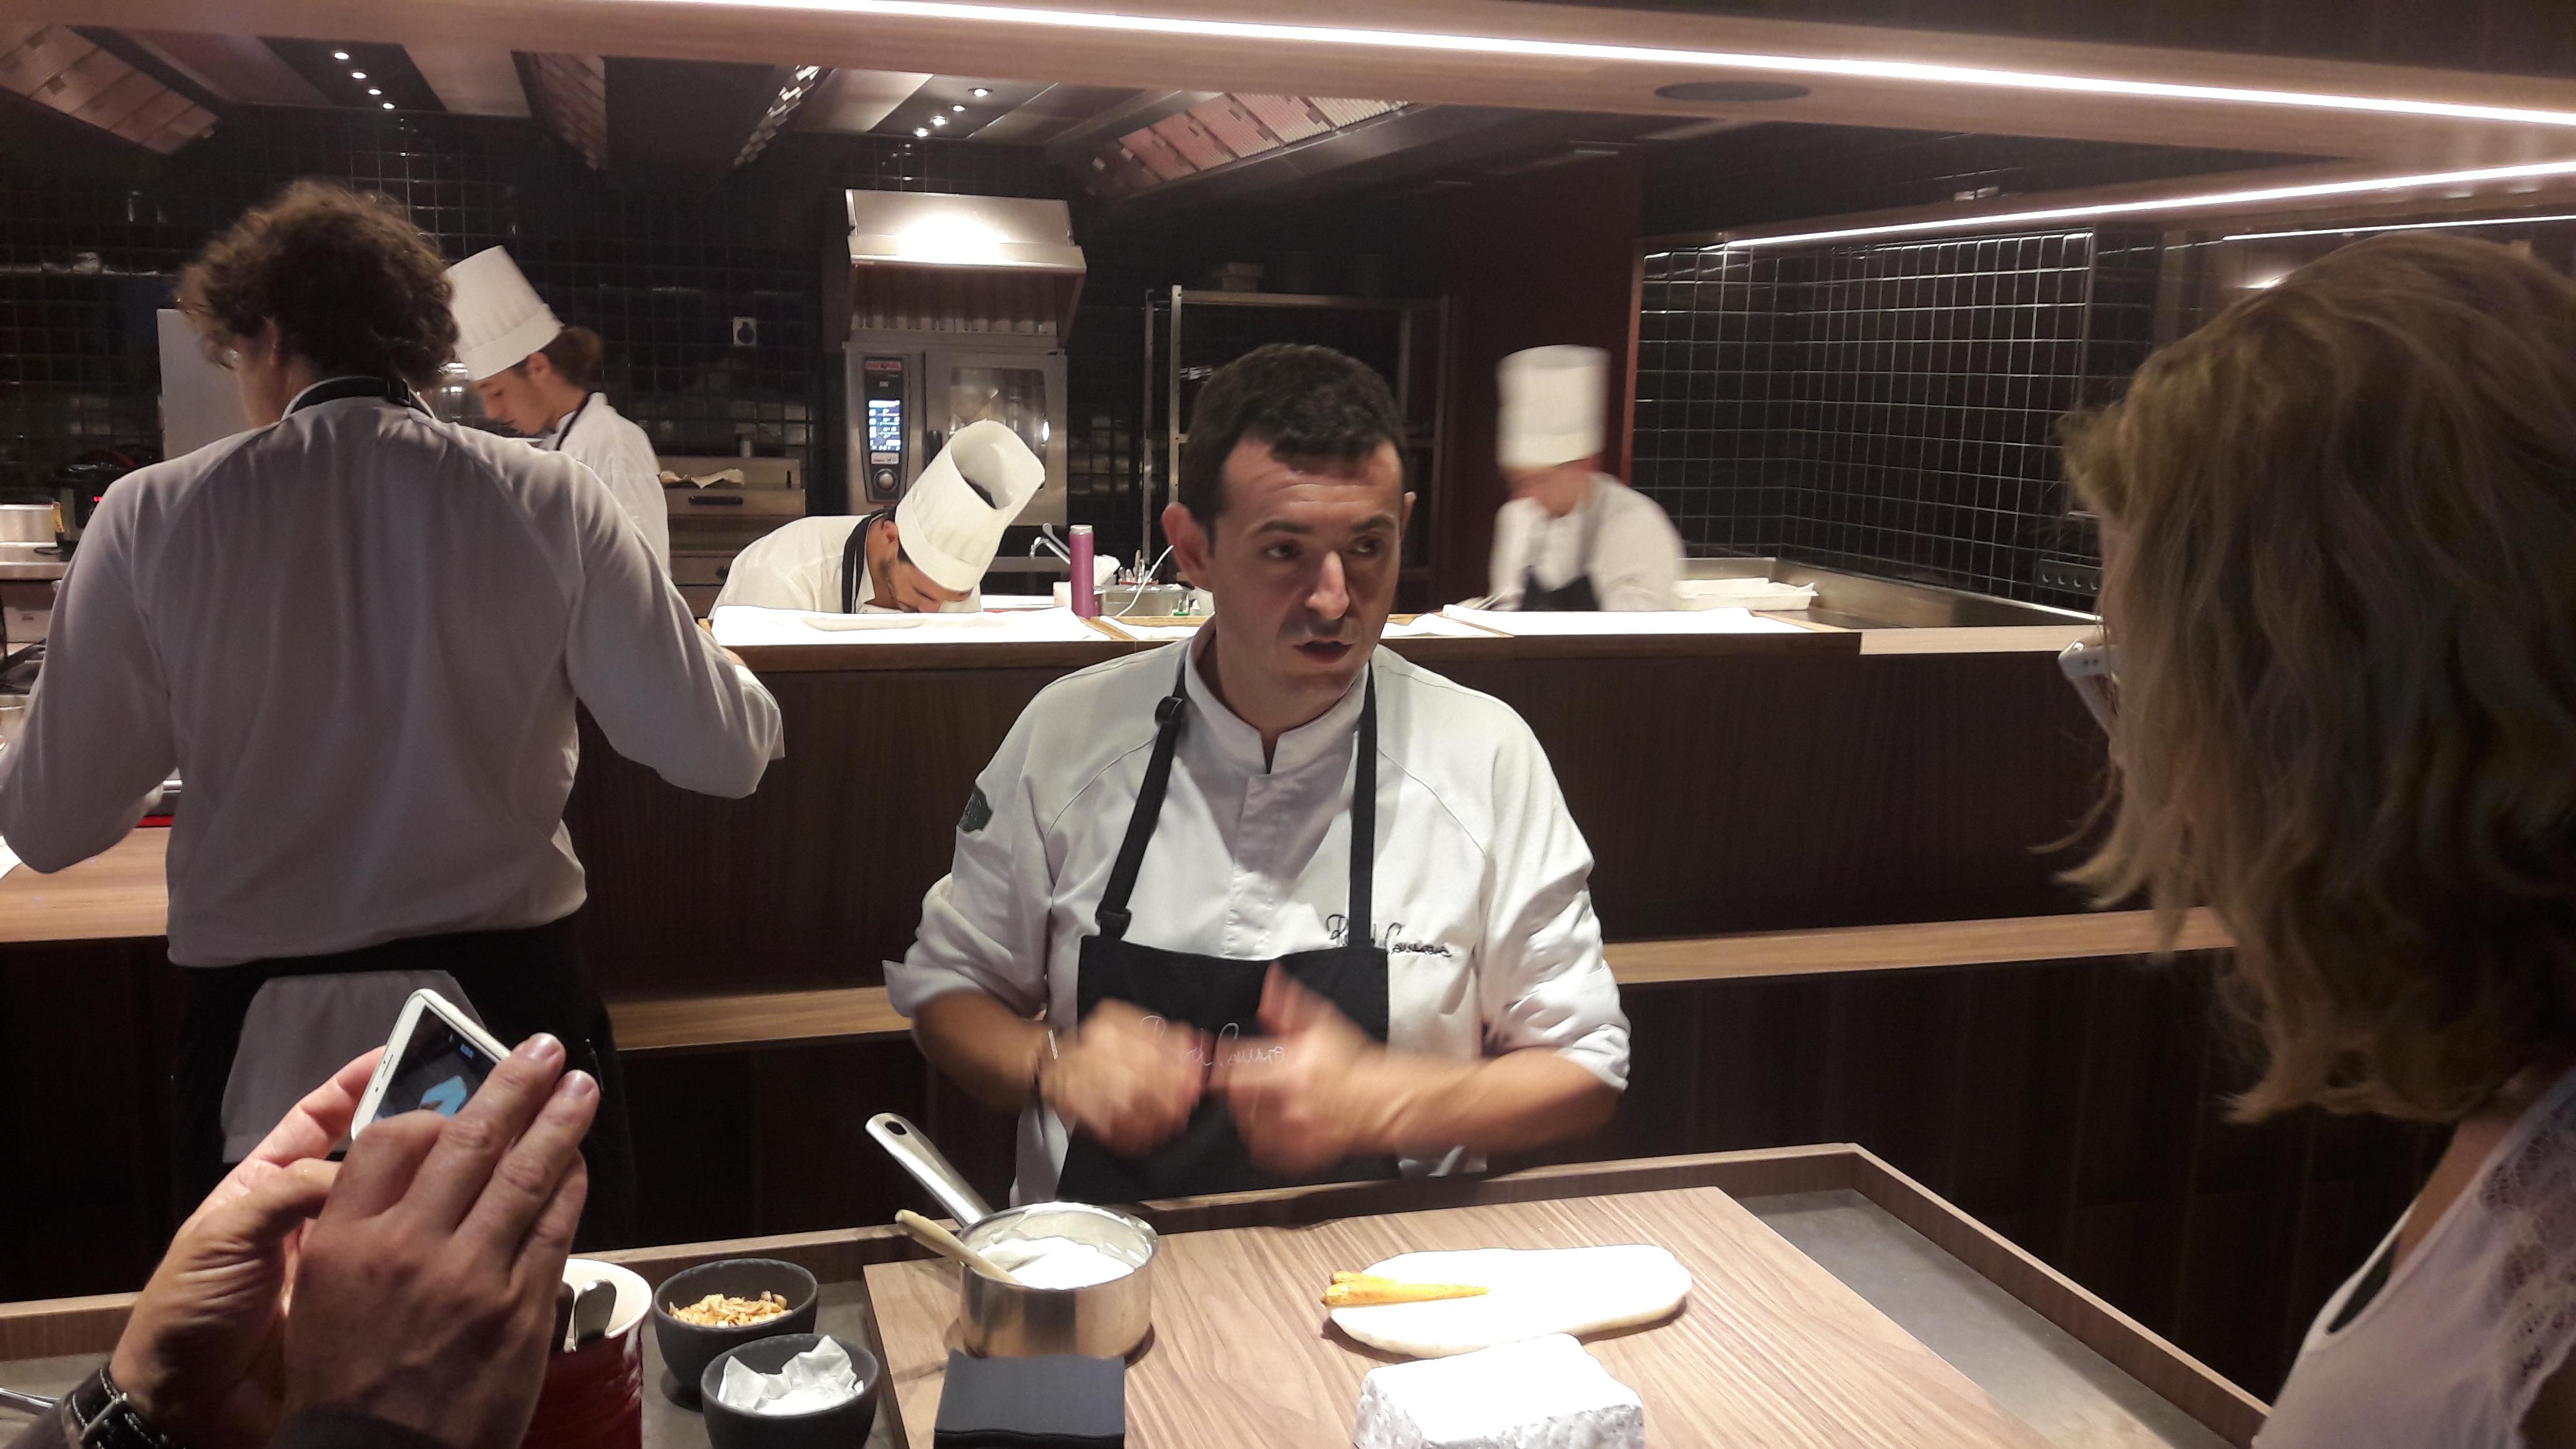 Ricard Camarena Interactuando chefs - comensales